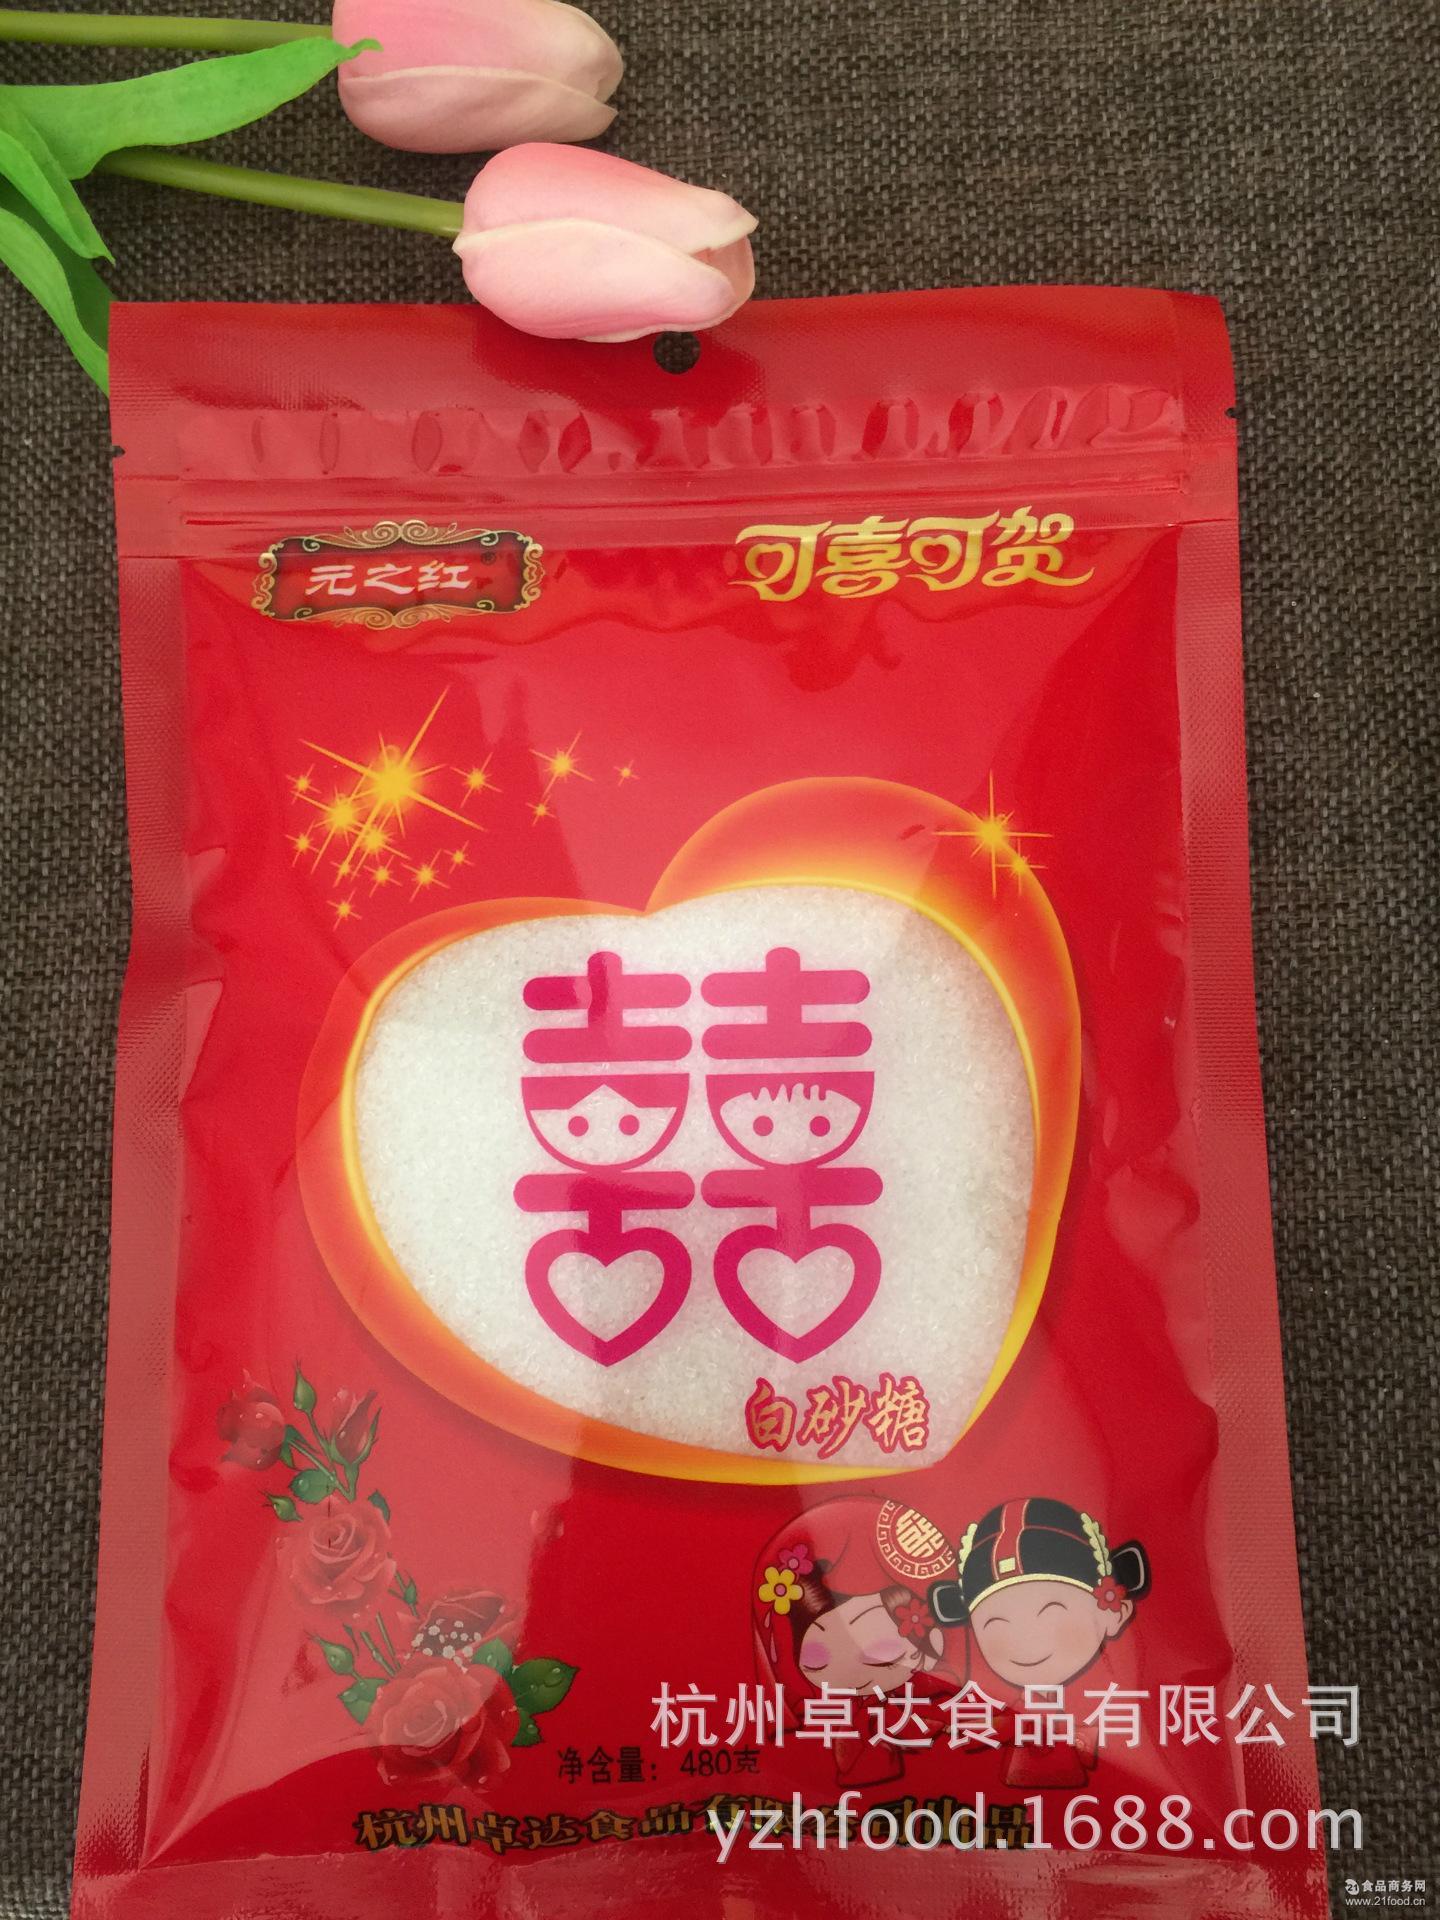 中小超市*烘焙专用广西白砂糖袋装拉链白糖480g食用甘蔗糖